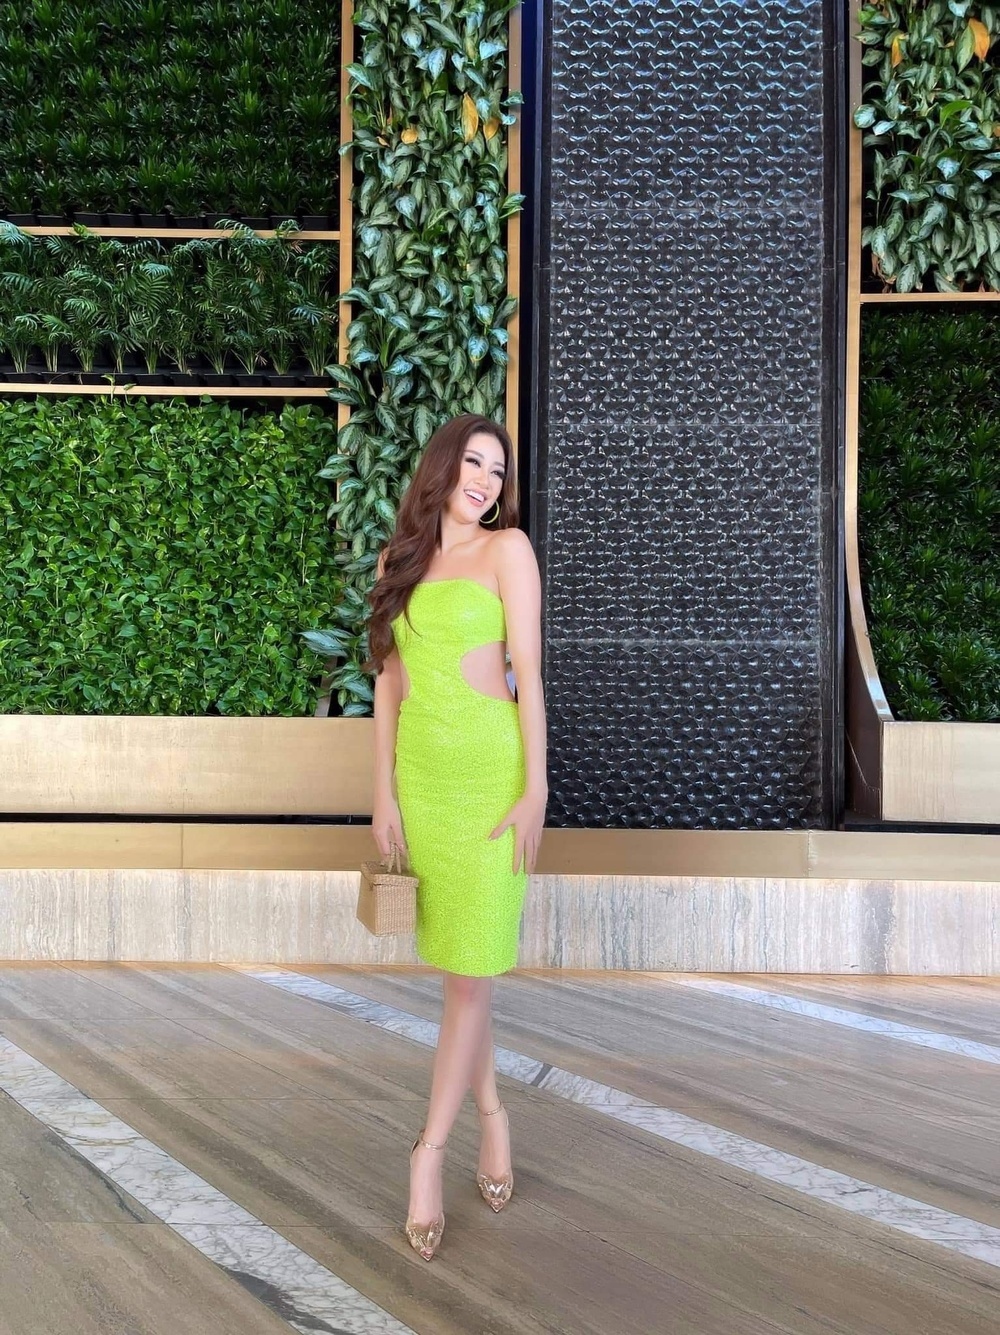 Khánh Vân khiến fan xót xa khi stylist tiết lộ bị giảm cân do hành trình sang Mỹ vất vả Ảnh 4